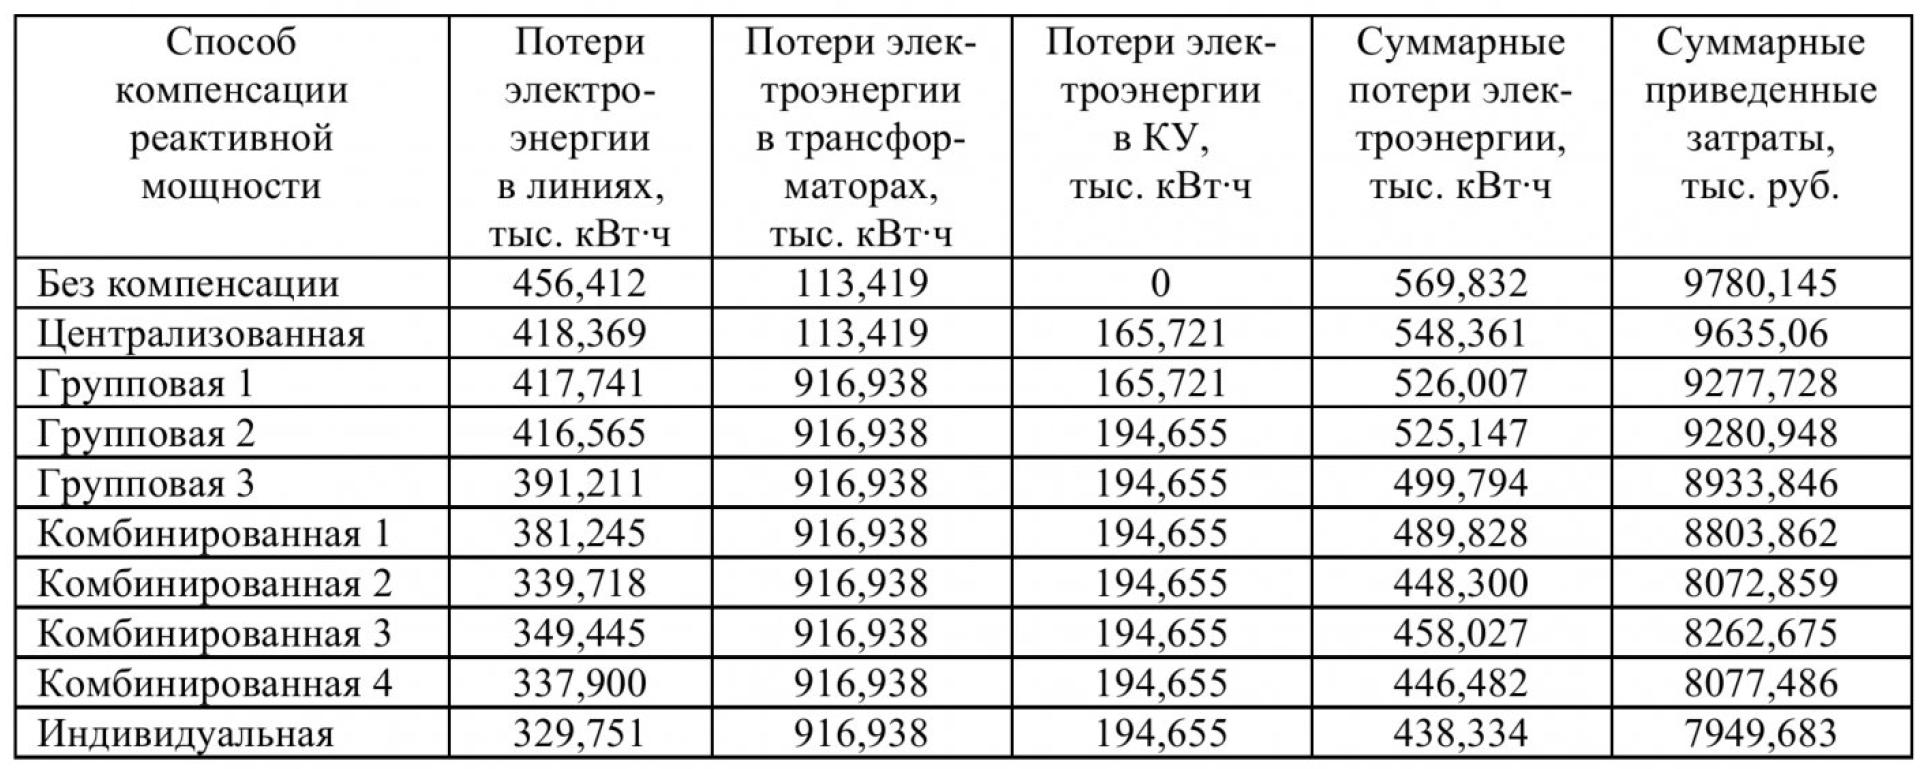 Таблица 1 – Потери электроэнергии в электрической сети при различных способах компенсации реактивной мощности